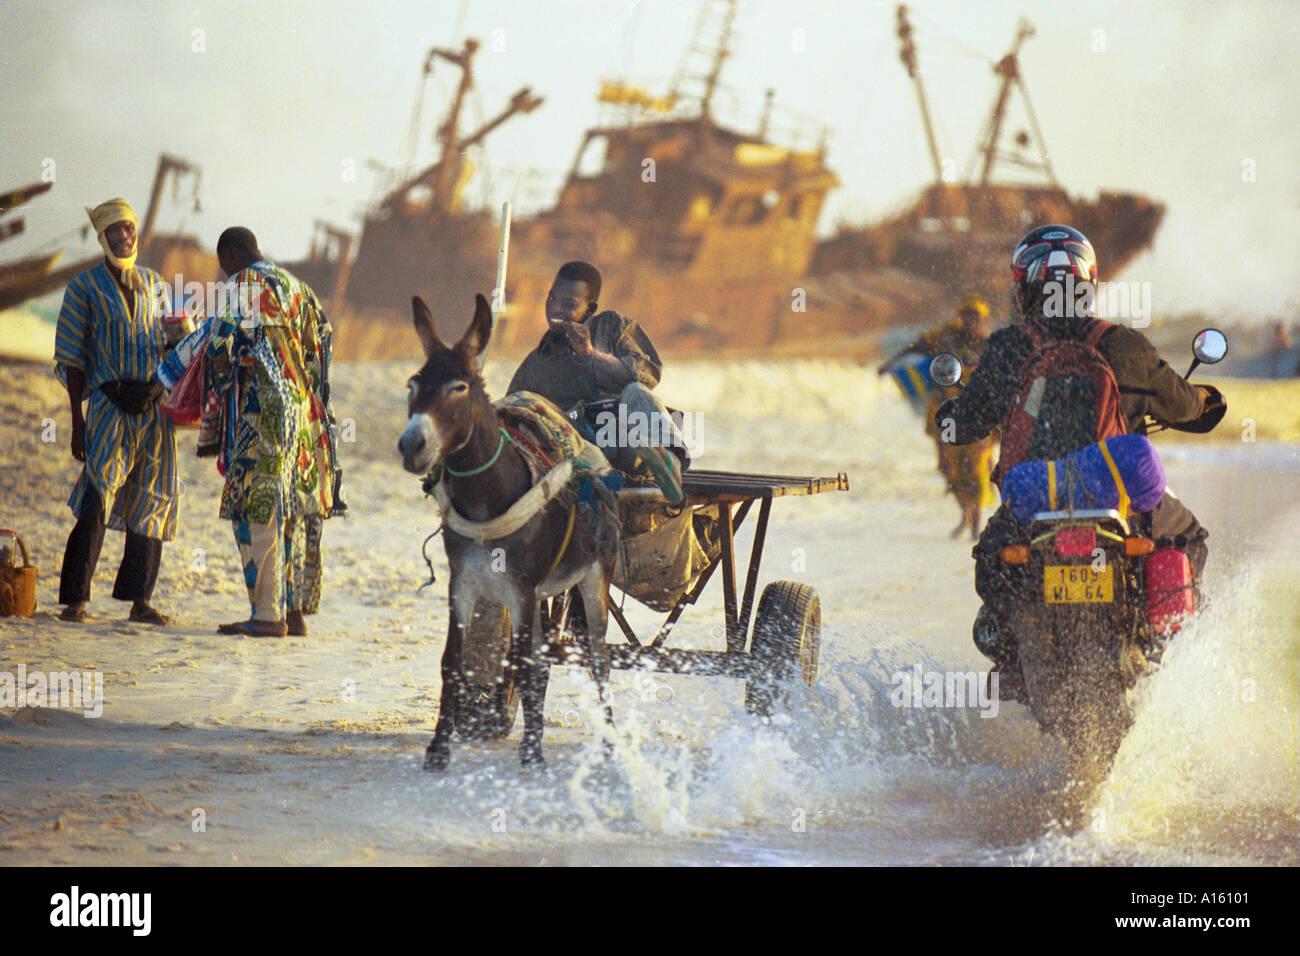 Un ragazzo con un asino per il trasporto di pesce per il mercato locale è schizzato da una moto sulla costa della Mauritania dove local Immagini Stock